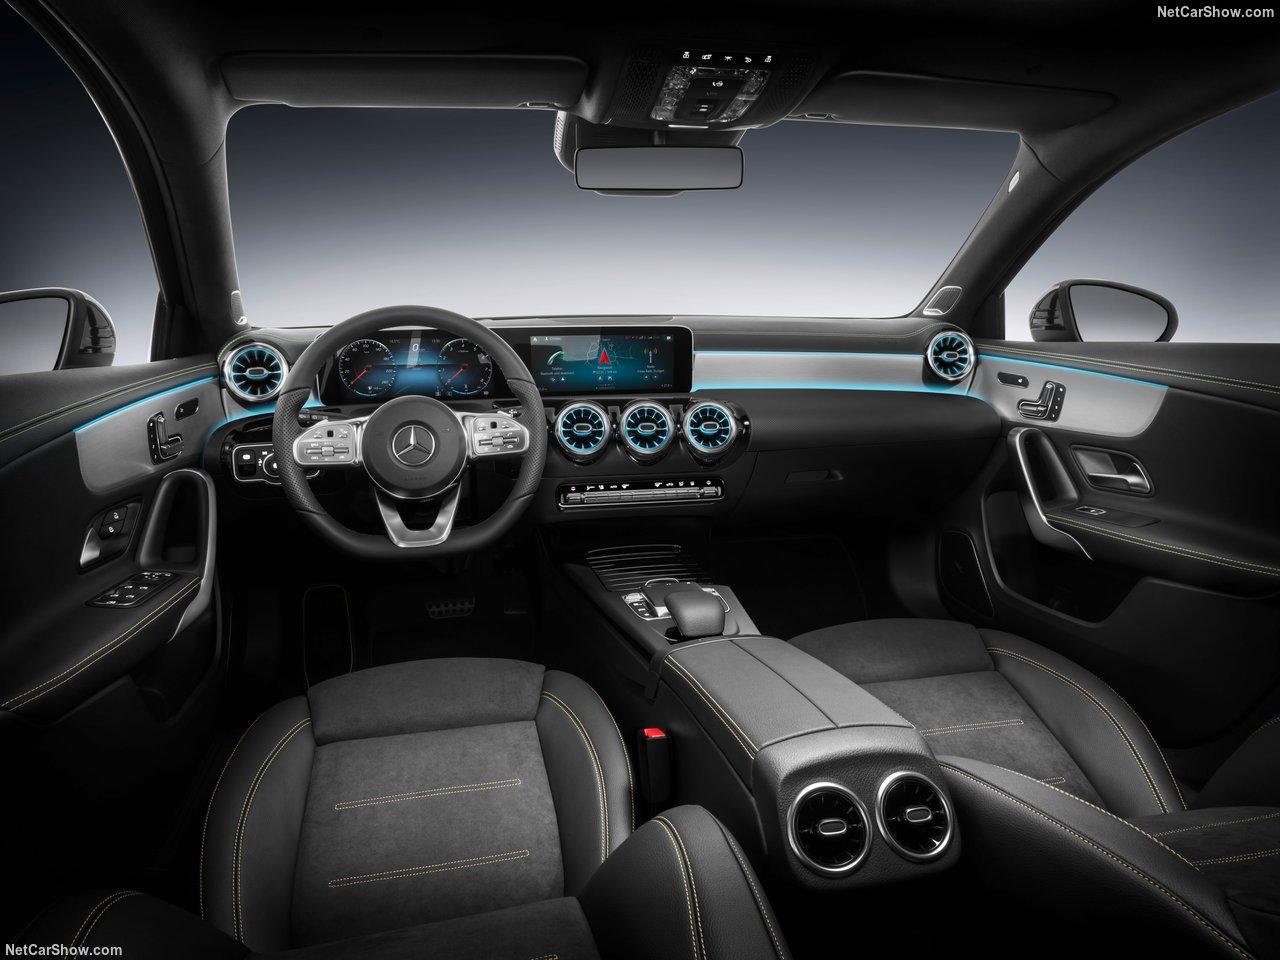 Mercedes-Benz-A-Class-2019-1280-35_20180911160601bbf.jpg